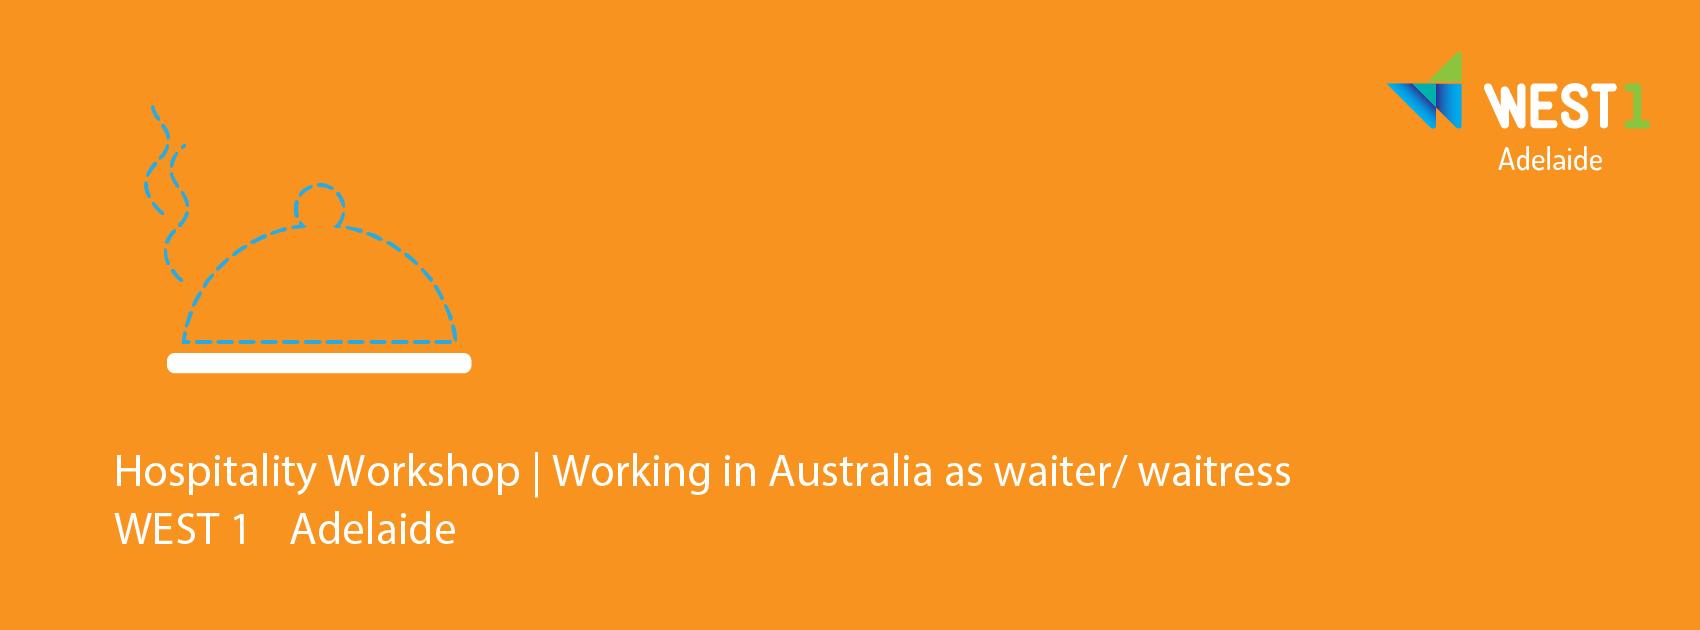 WEST 1 Adelaide | Hospitality Workshop